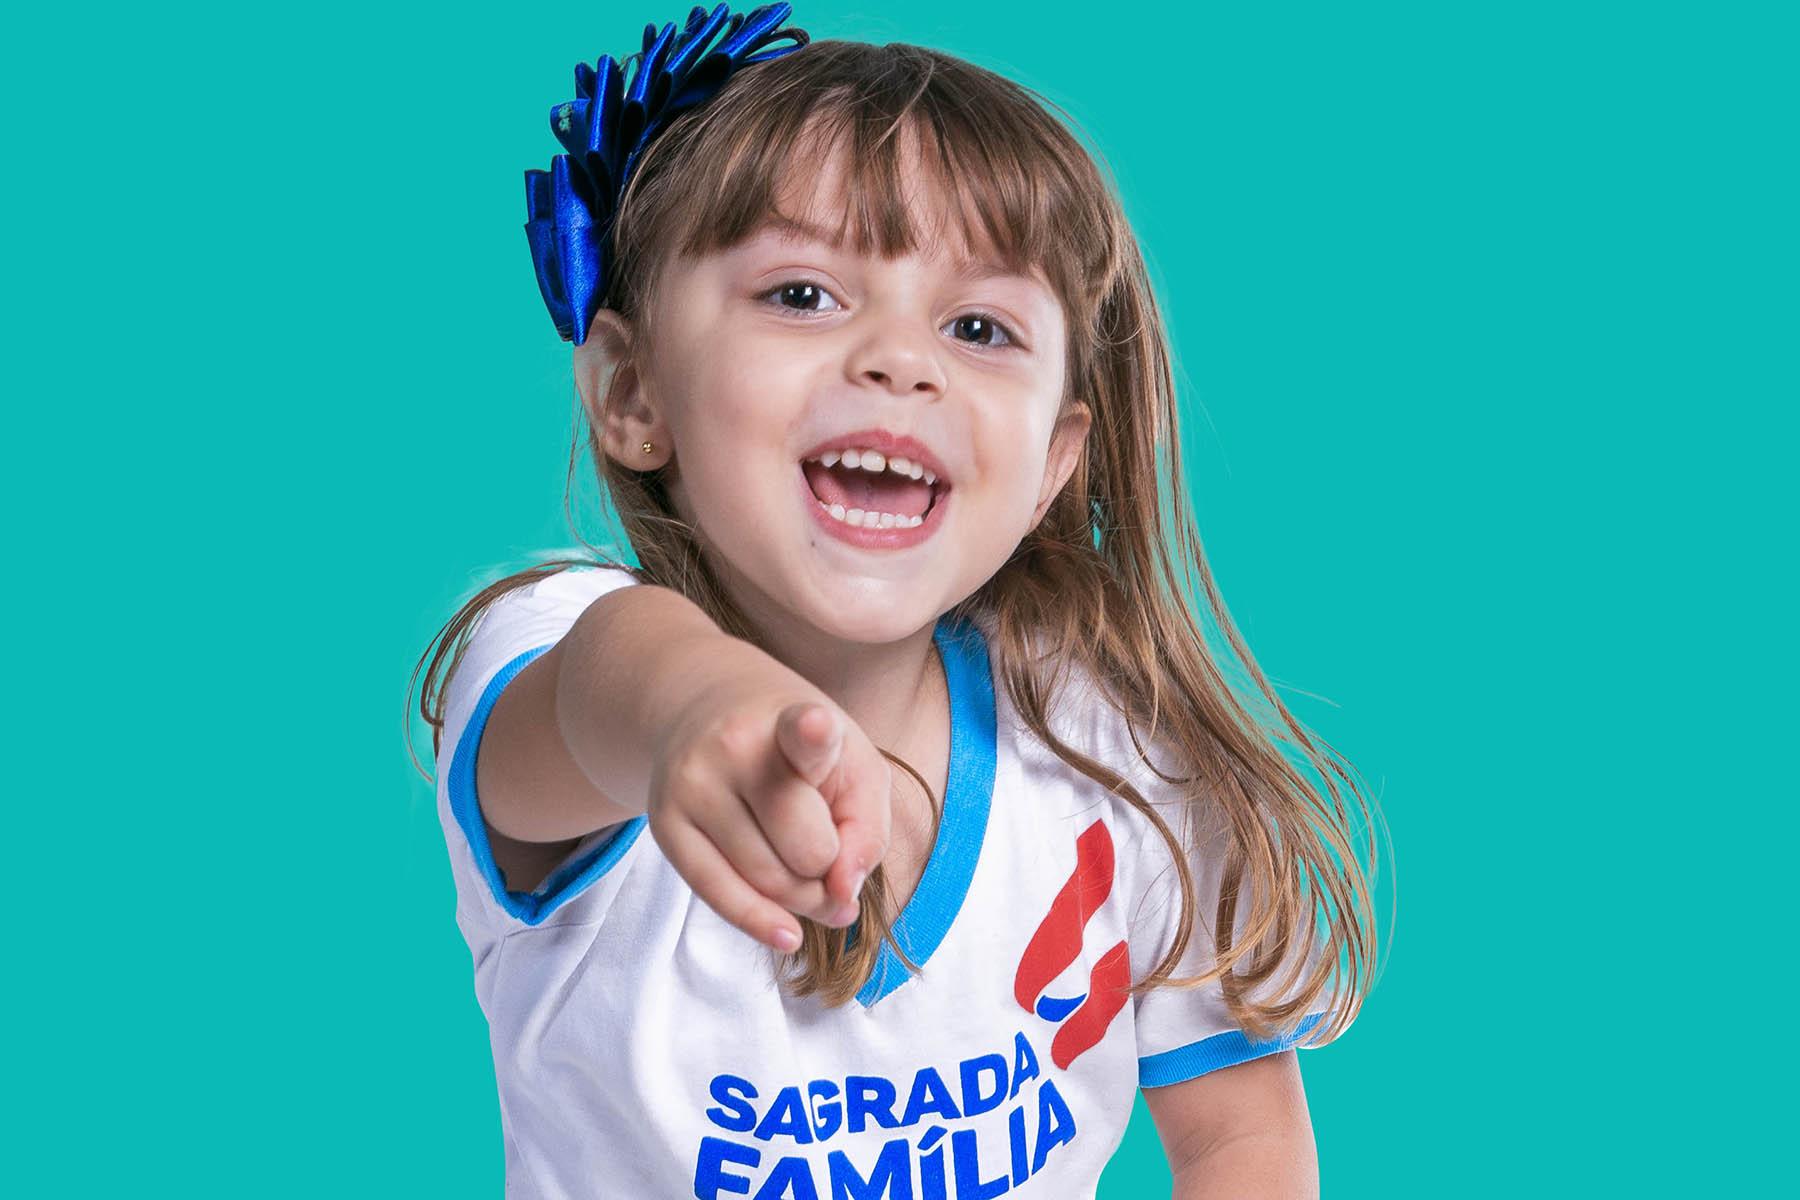 http://safa.com.br/site/wp-content/uploads/2019/10/card-infantil.jpg